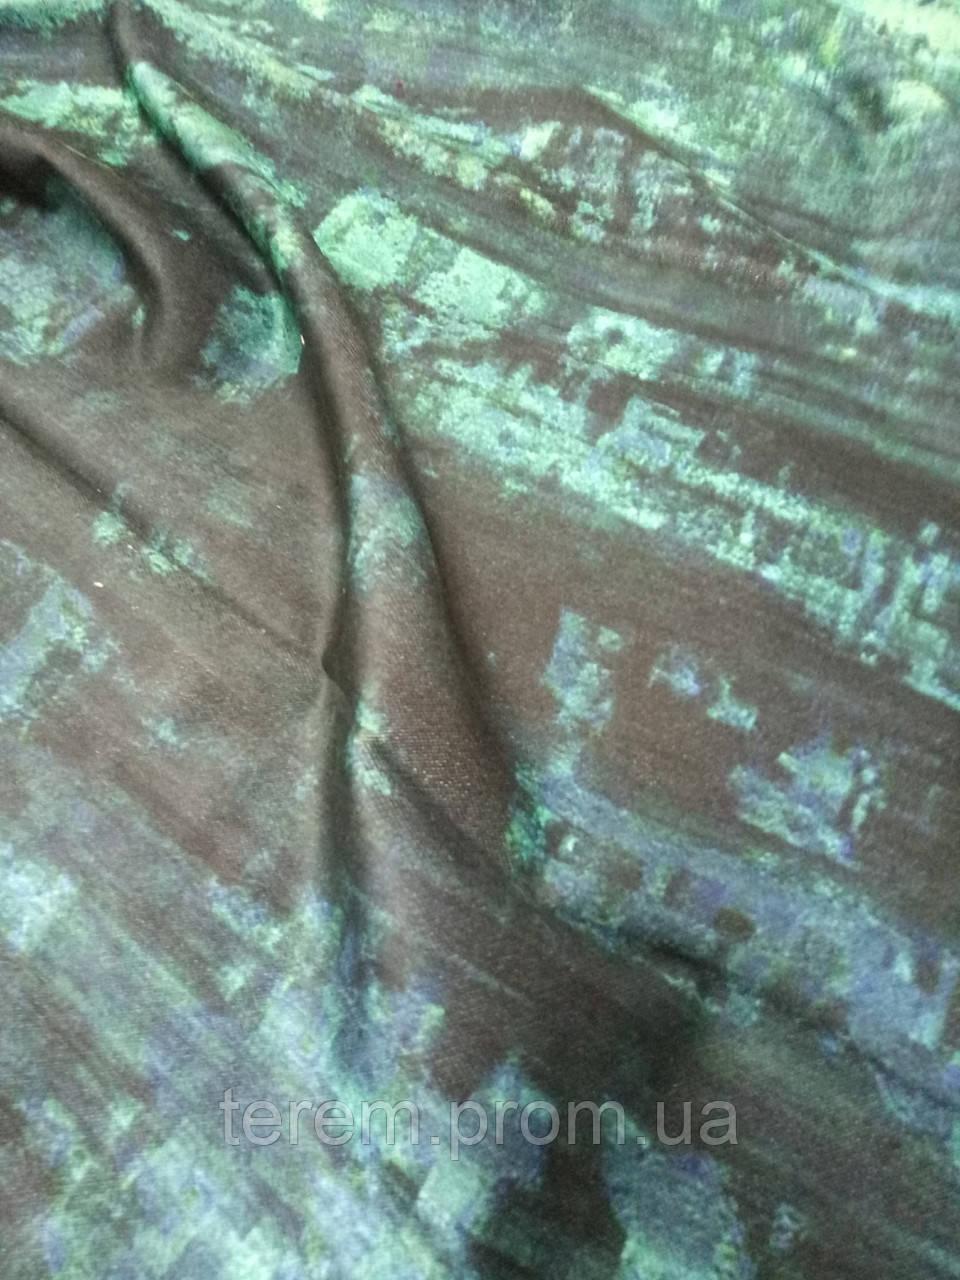 Ткань для шторы, принт на бархате абстракция, 140 см, Турция